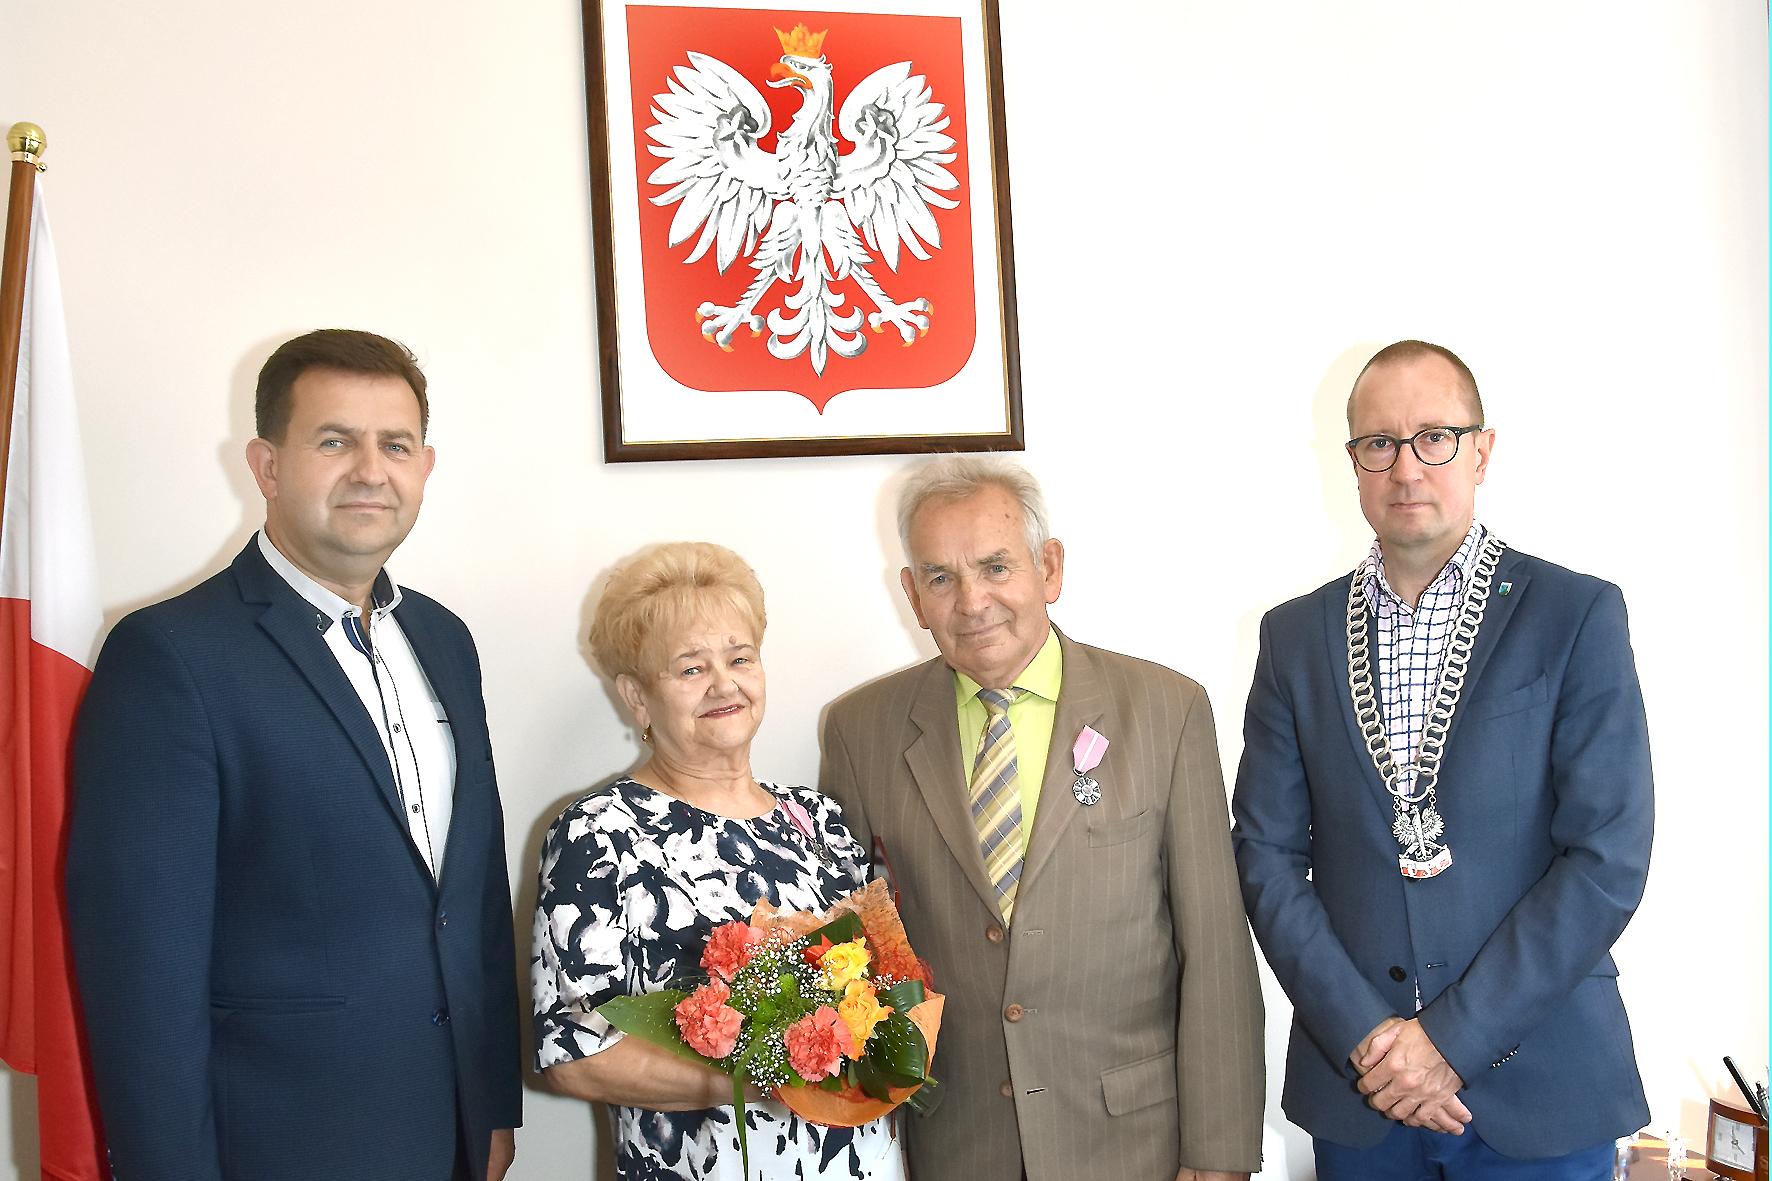 50-lecie Pożycia Małżeńskiego Drzycimscy